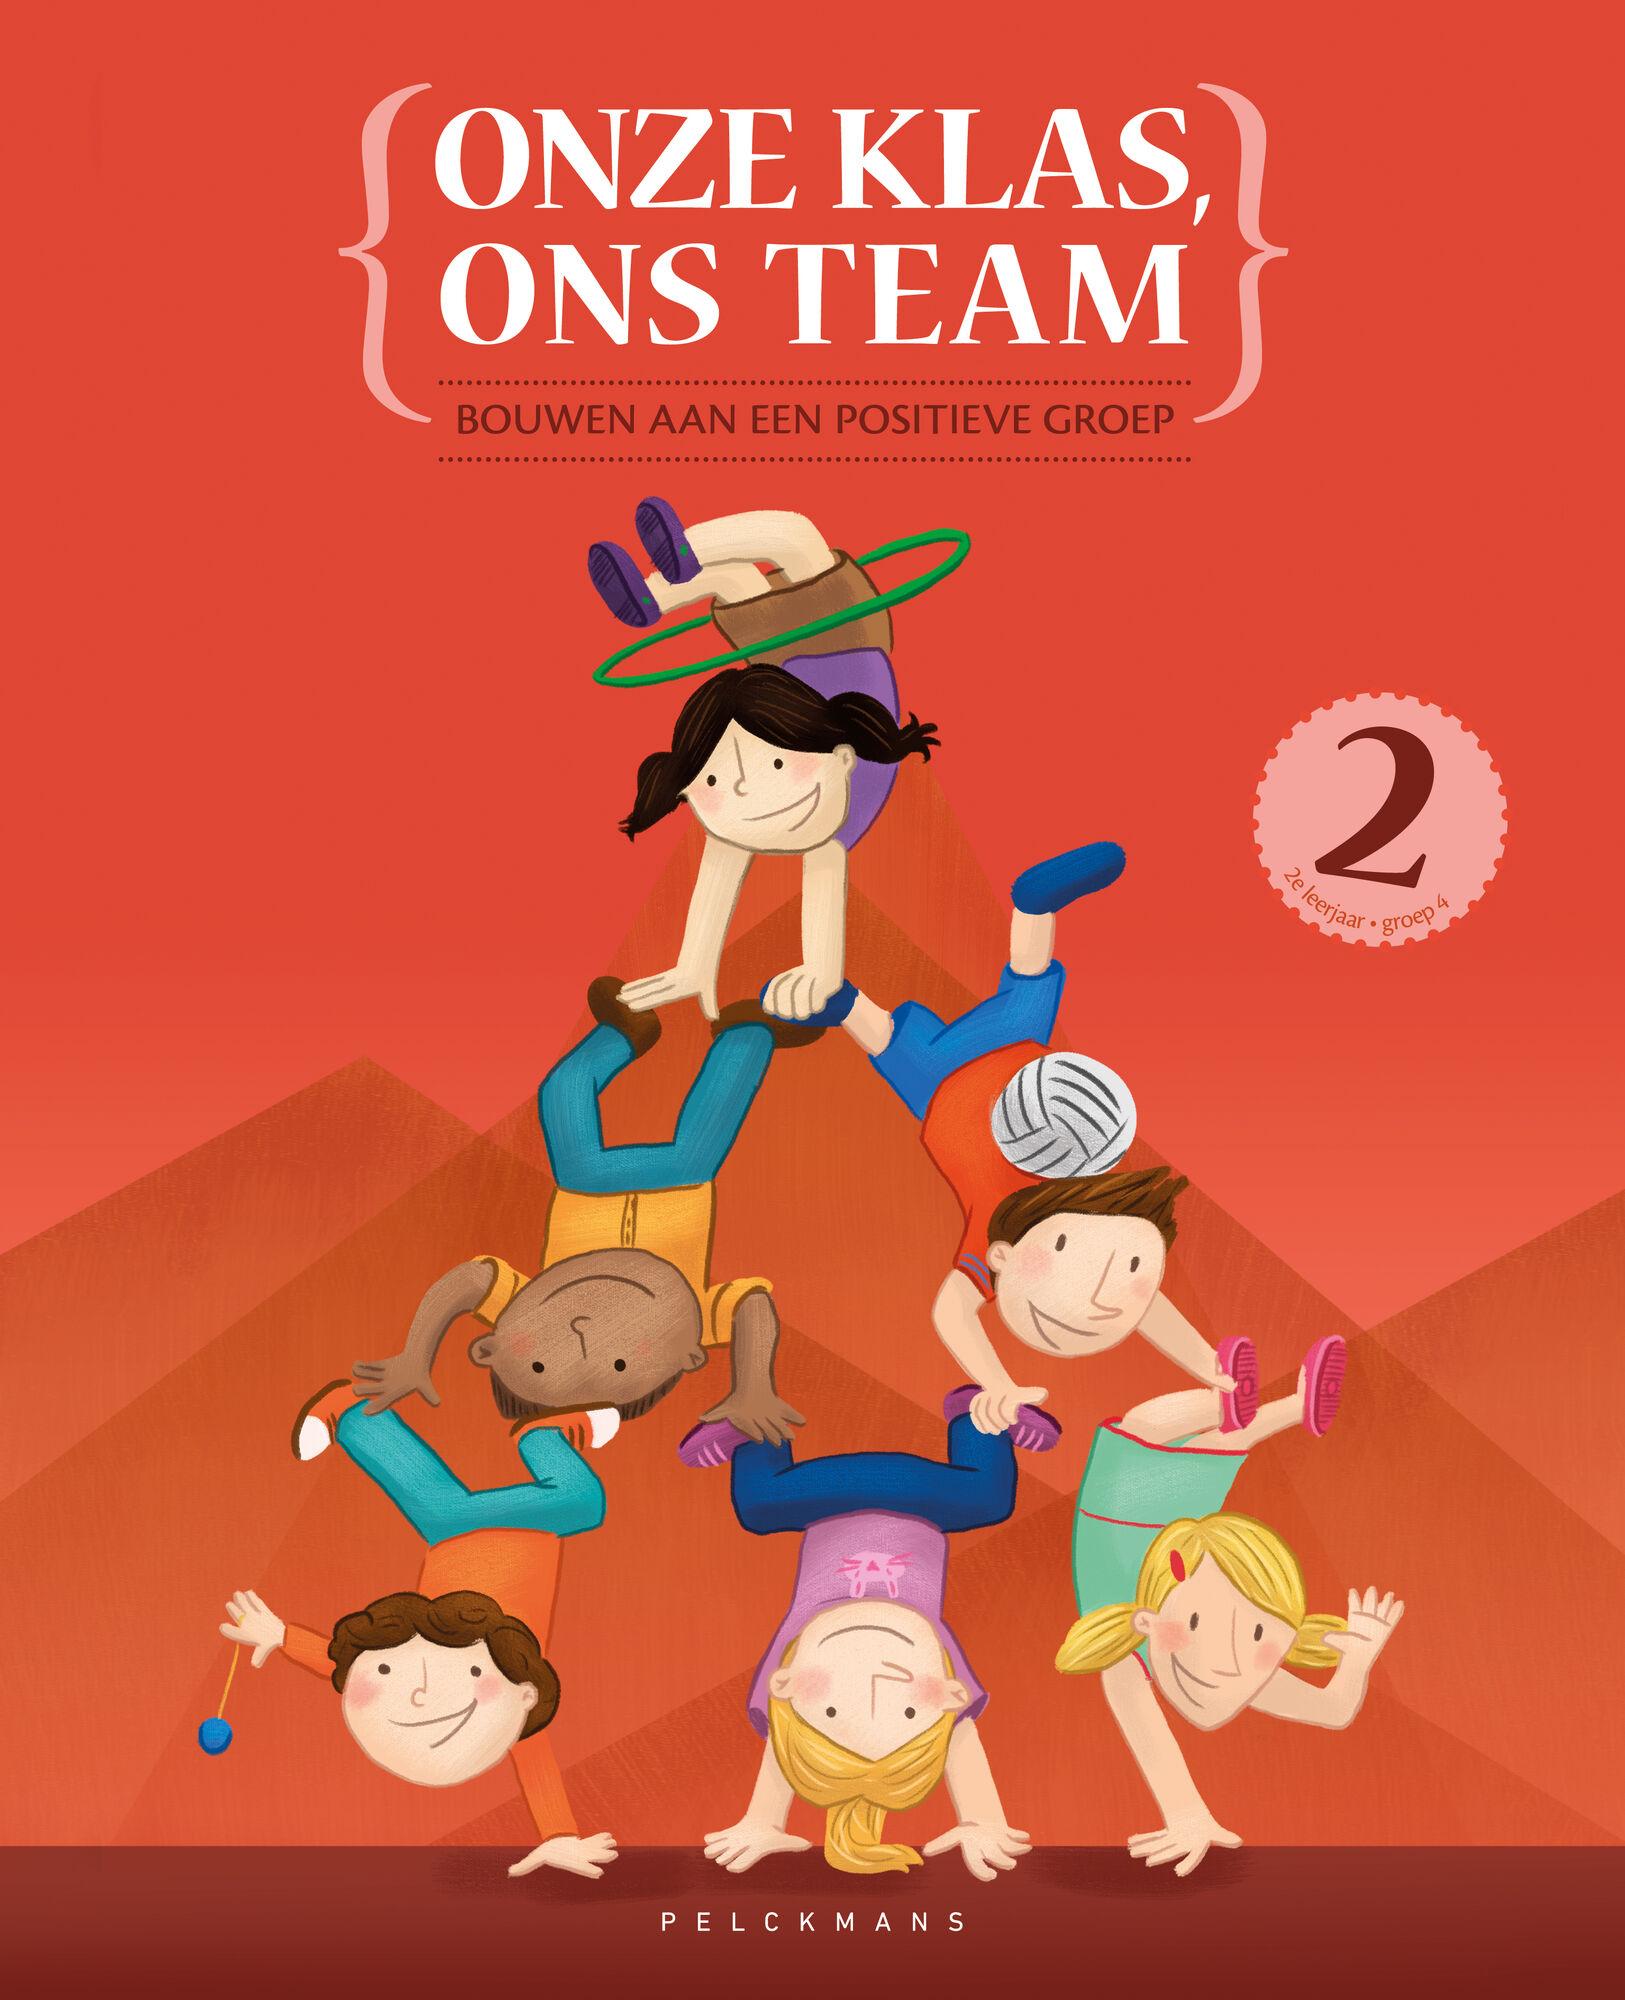 Onze klas ons team